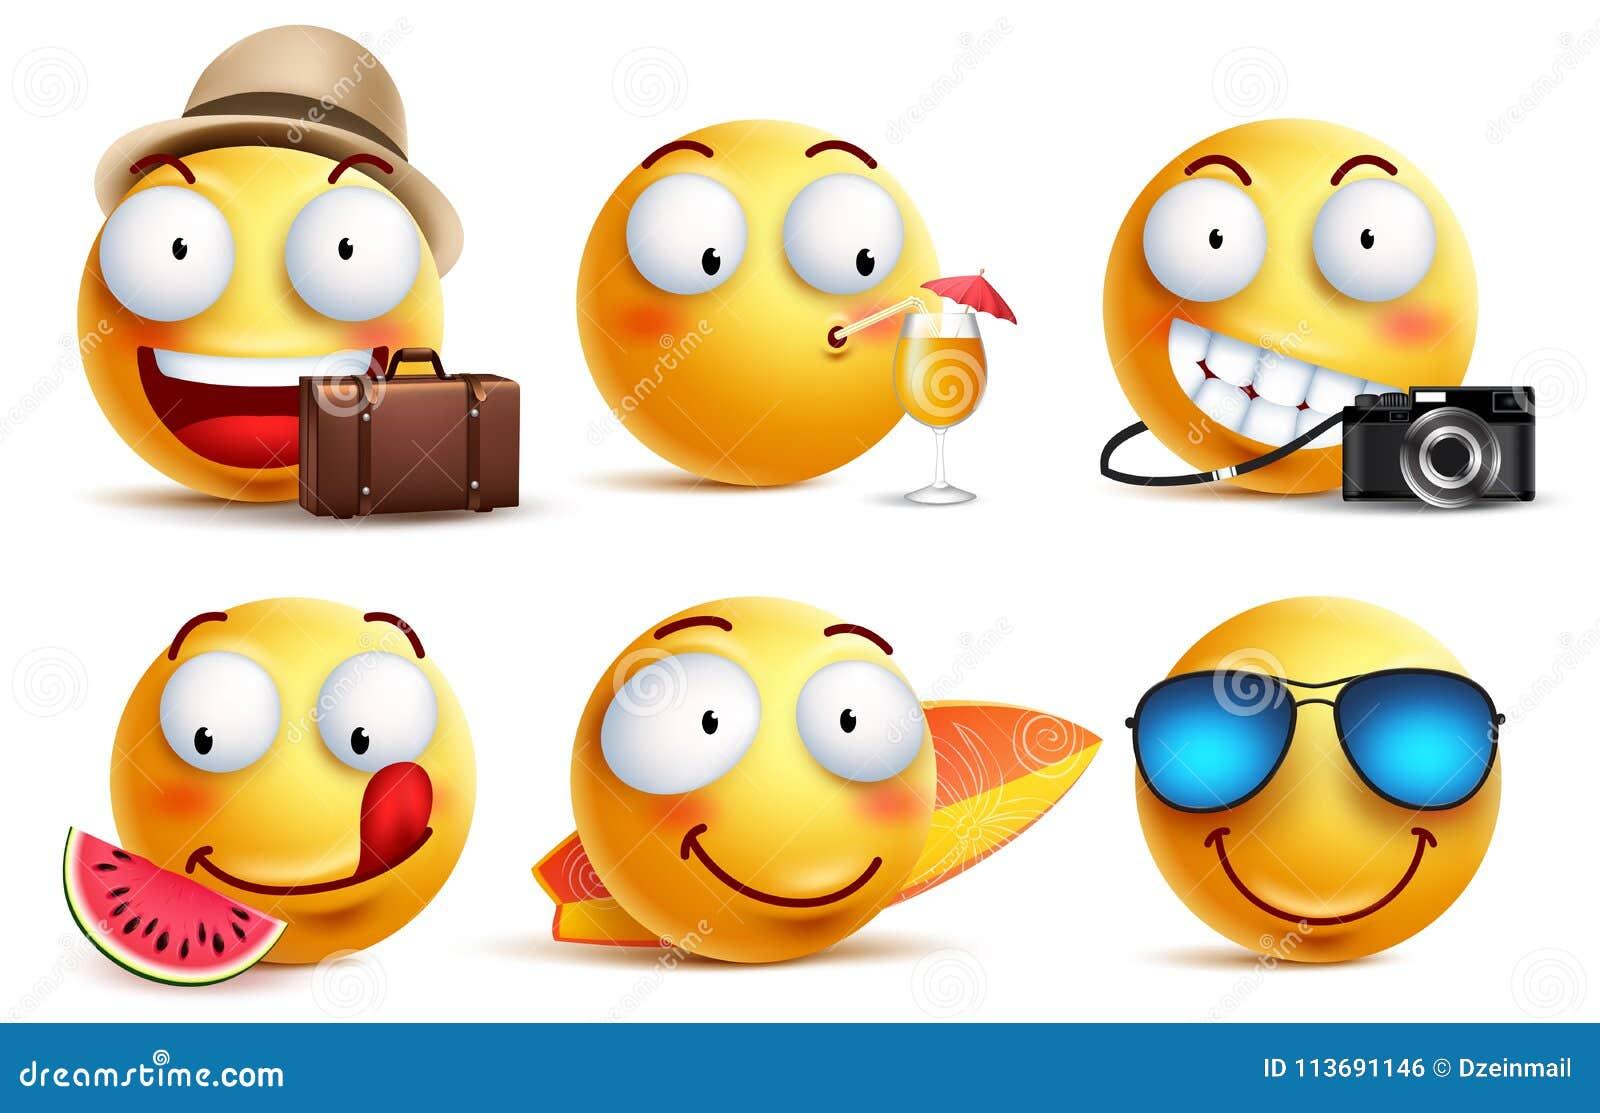 Sommersmileyvektor eingestellt mit Gesichtsausdrücken Gelbe smileygesicht Emoticons